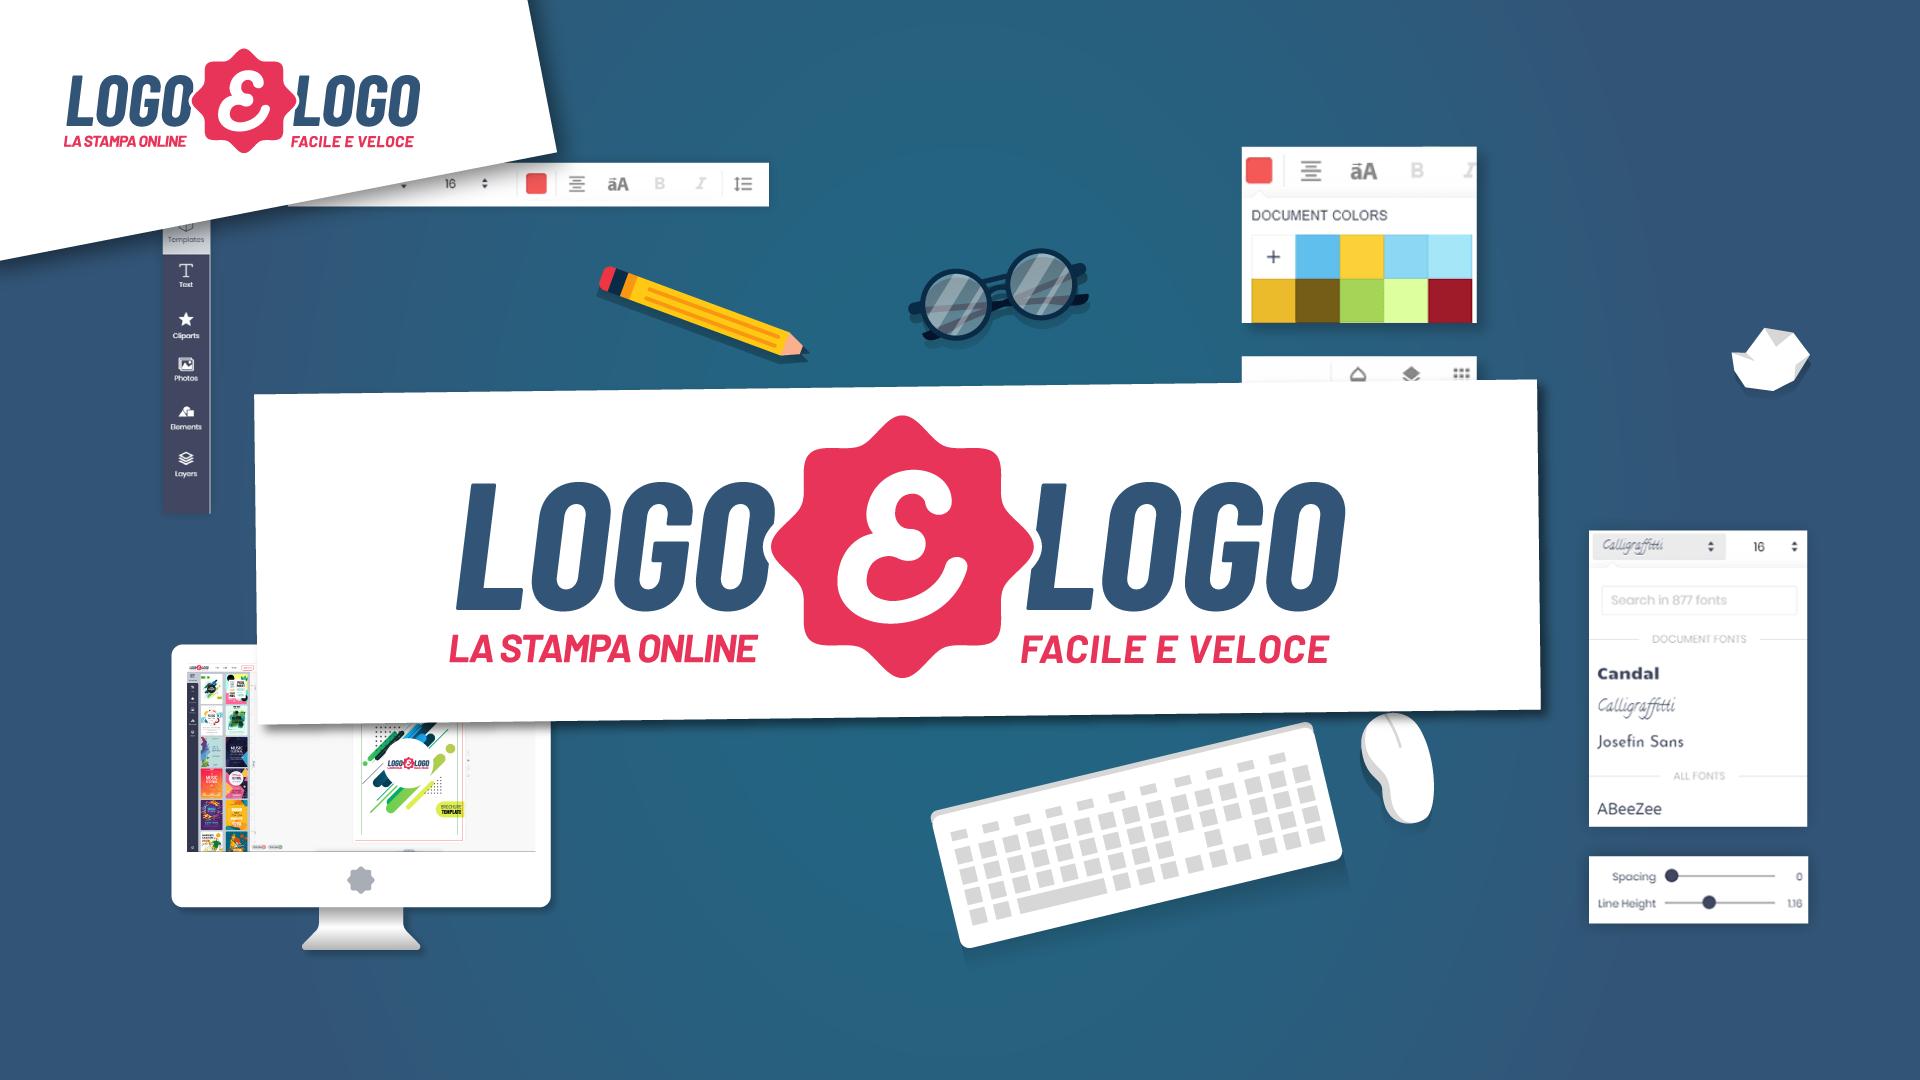 Banner per il video di Logoelogo – La stampa online facile e veloce